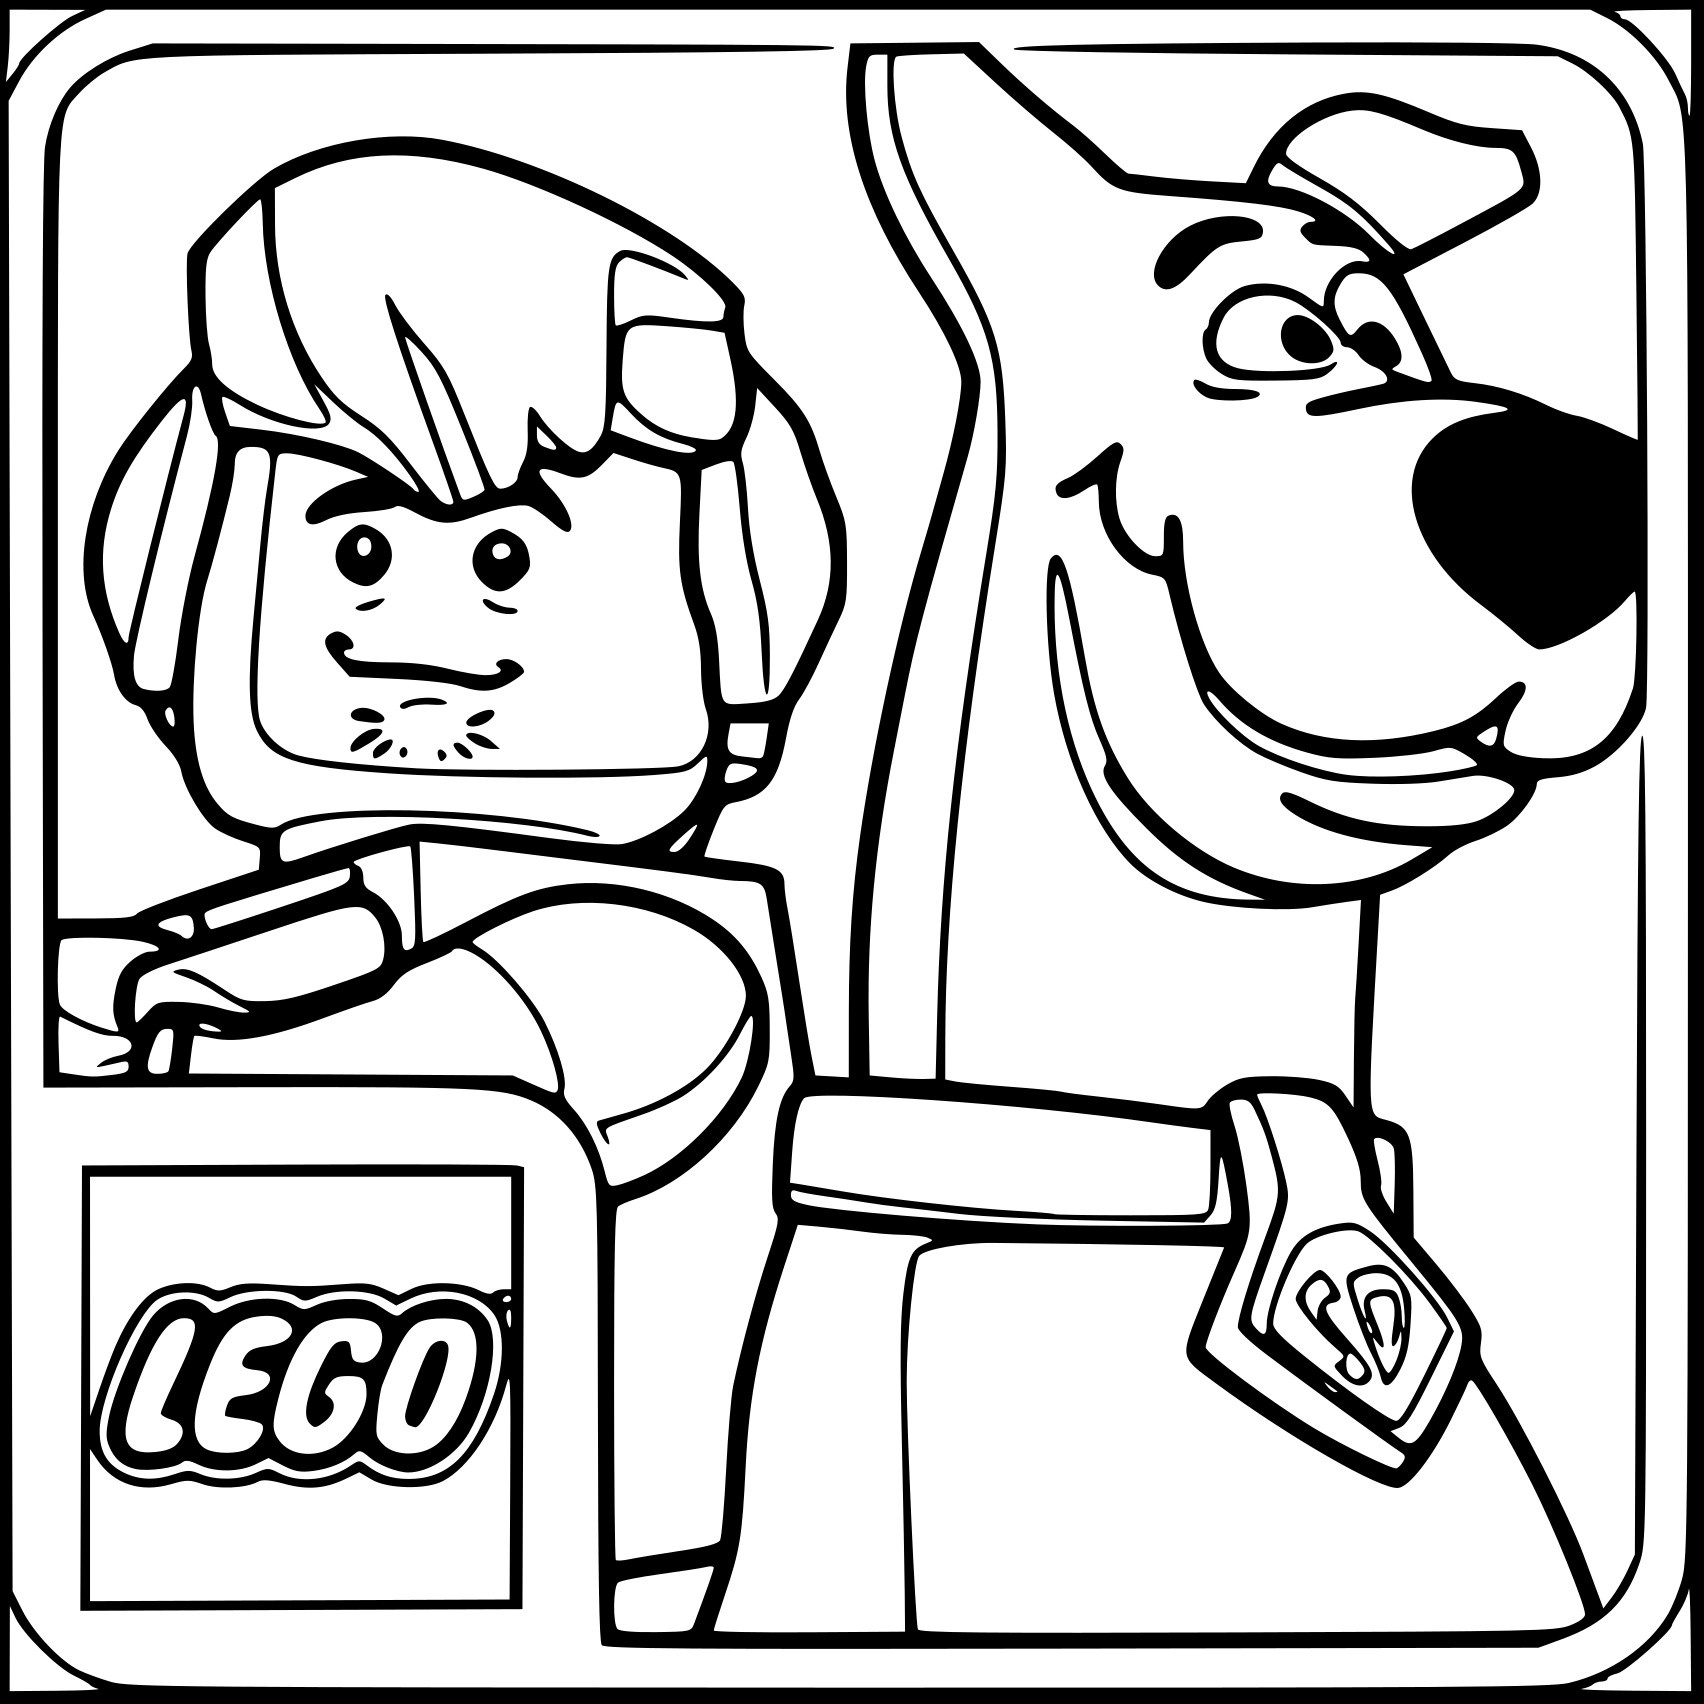 Coloriage Scooby Doo Lego À Imprimer Sur Coloriages tout Scooby Doo À Colorier